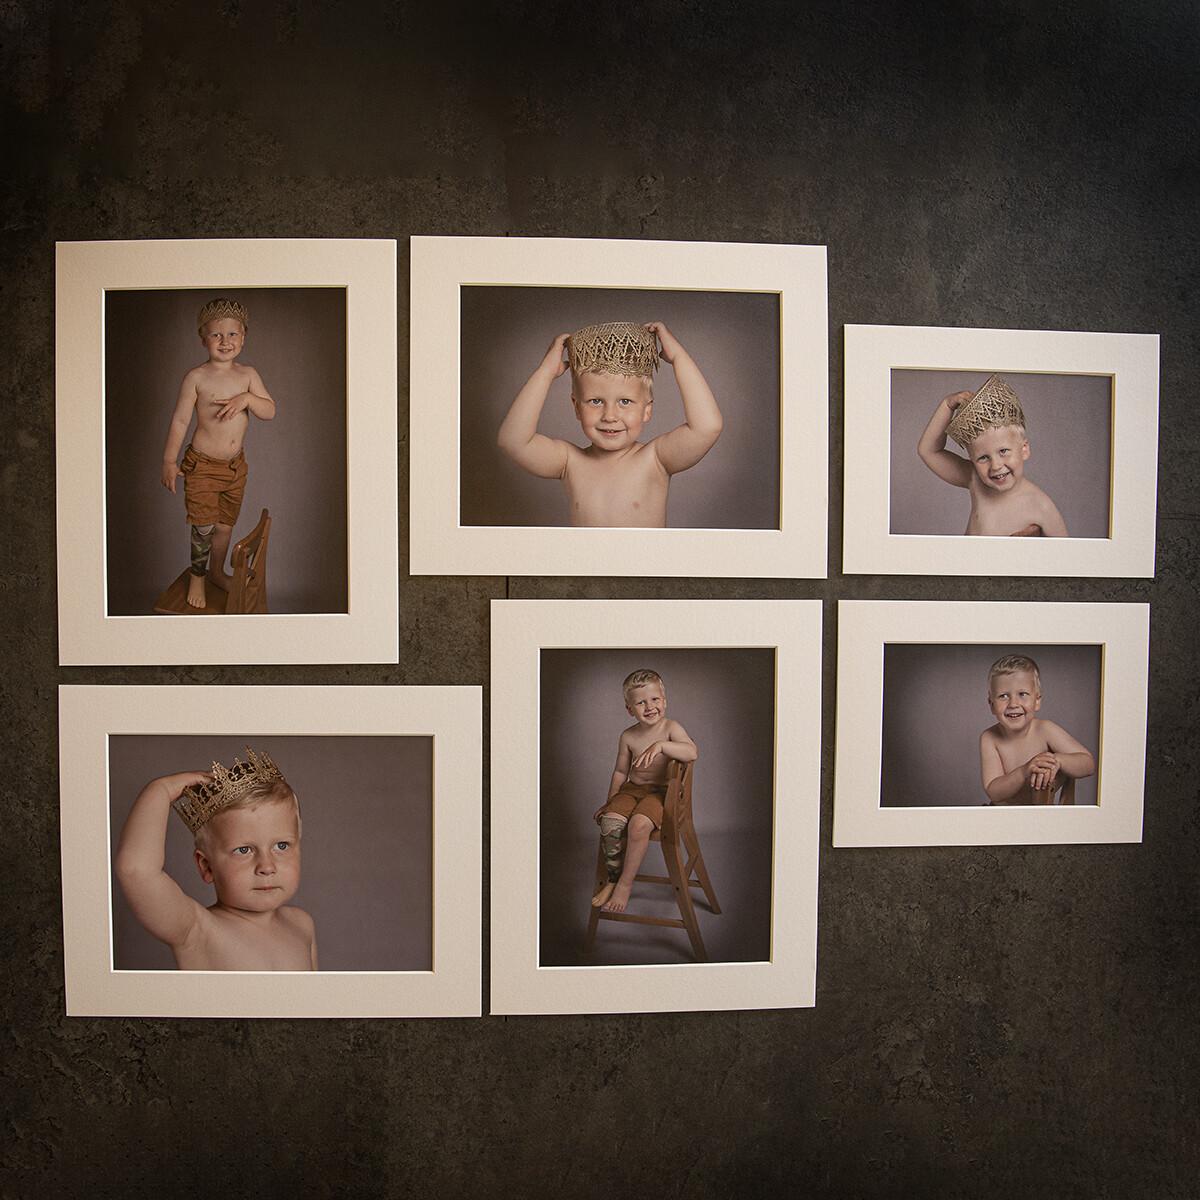 Pinkstudio by Angelina Devine Produkter-005 GRATIS børnefotografering Børn Nyheder Portræt Tilbud